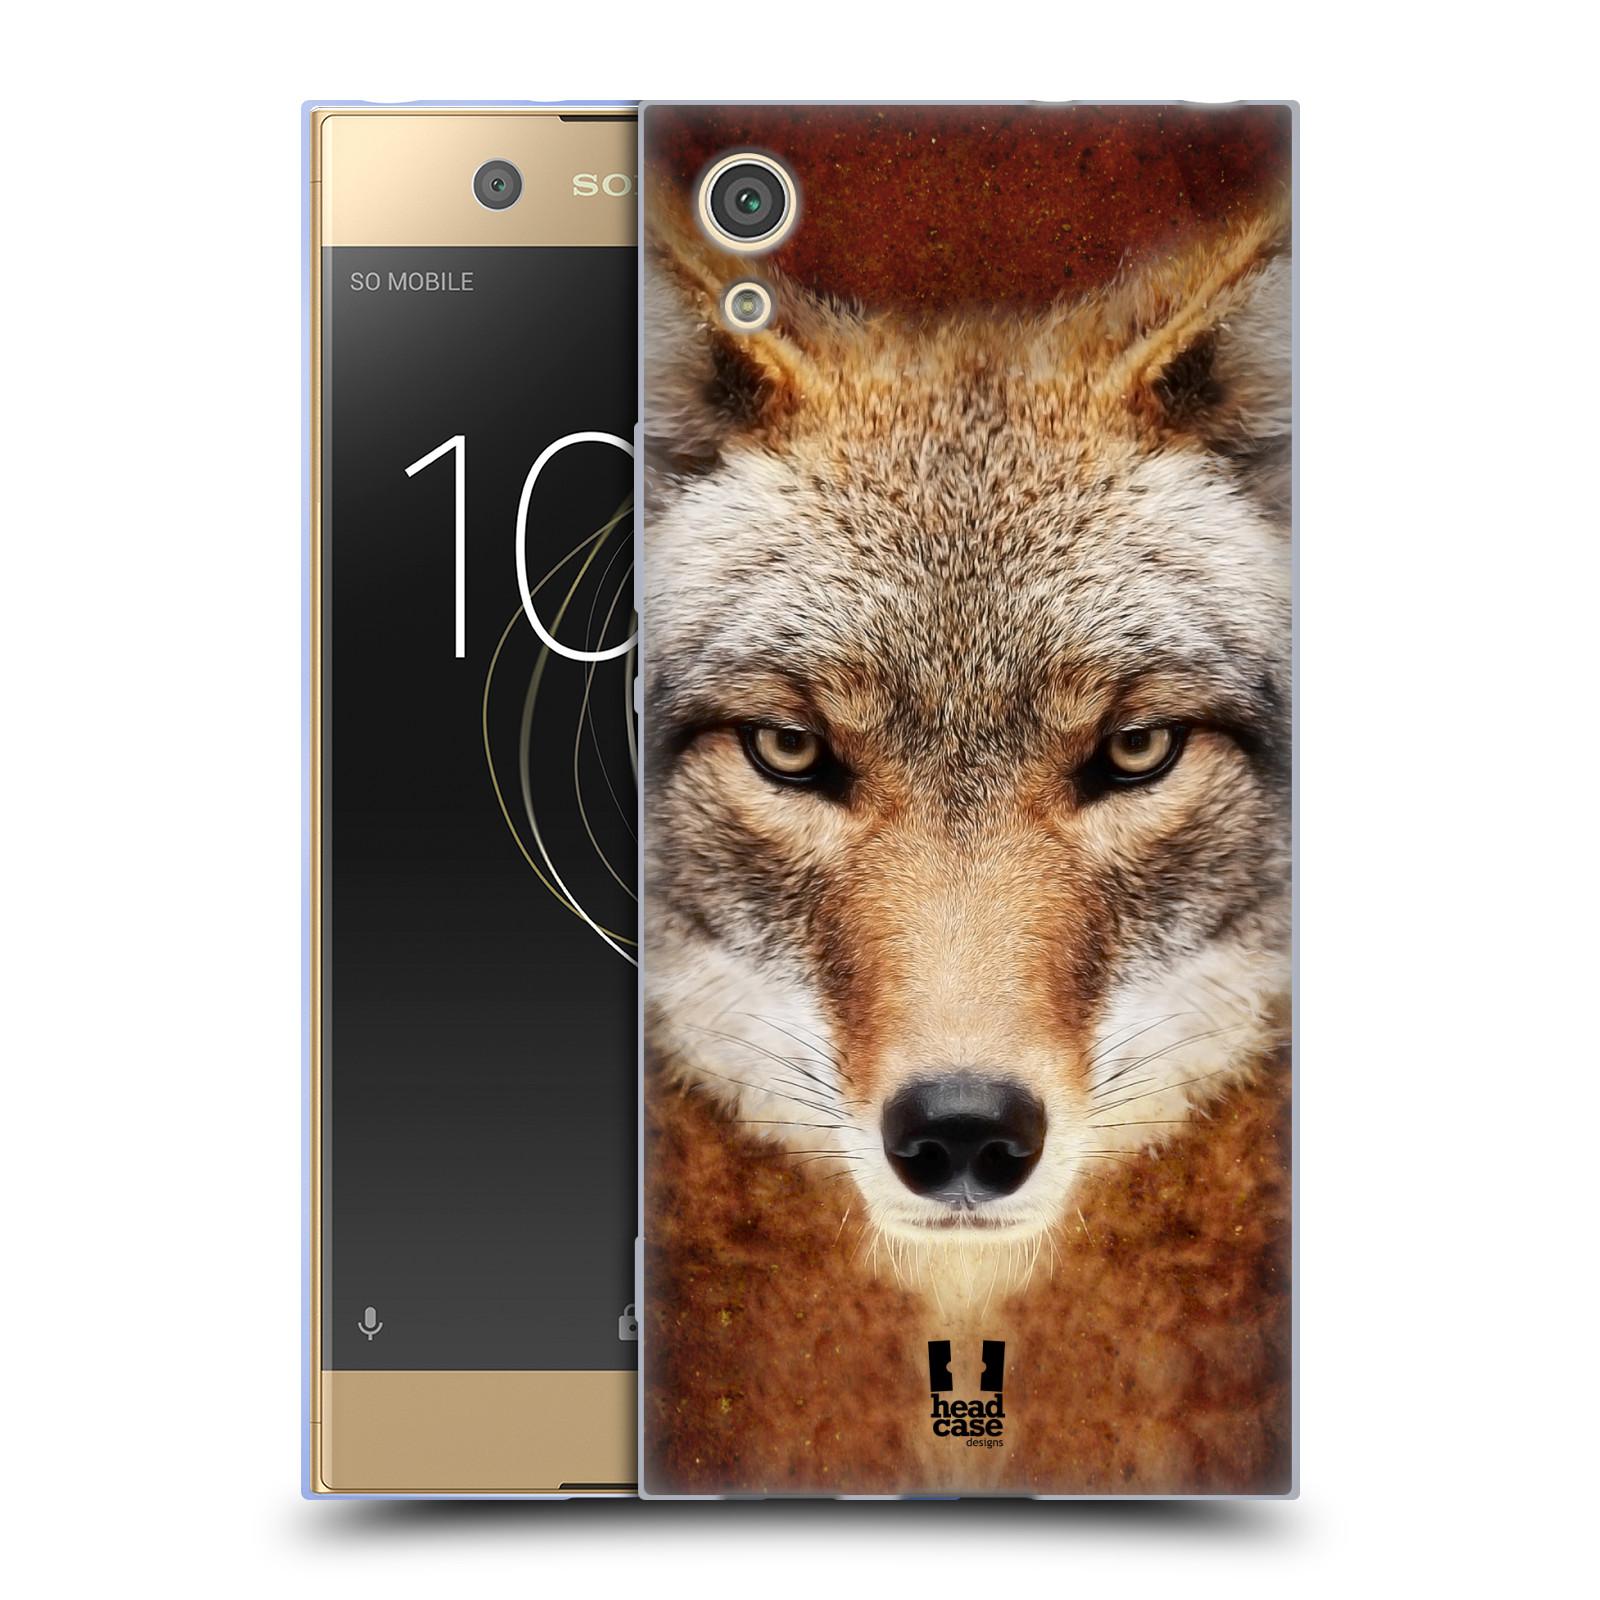 HEAD CASE silikonový obal na mobil Sony Xperia XA1 / XA1 DUAL SIM vzor Zvířecí tváře kojot